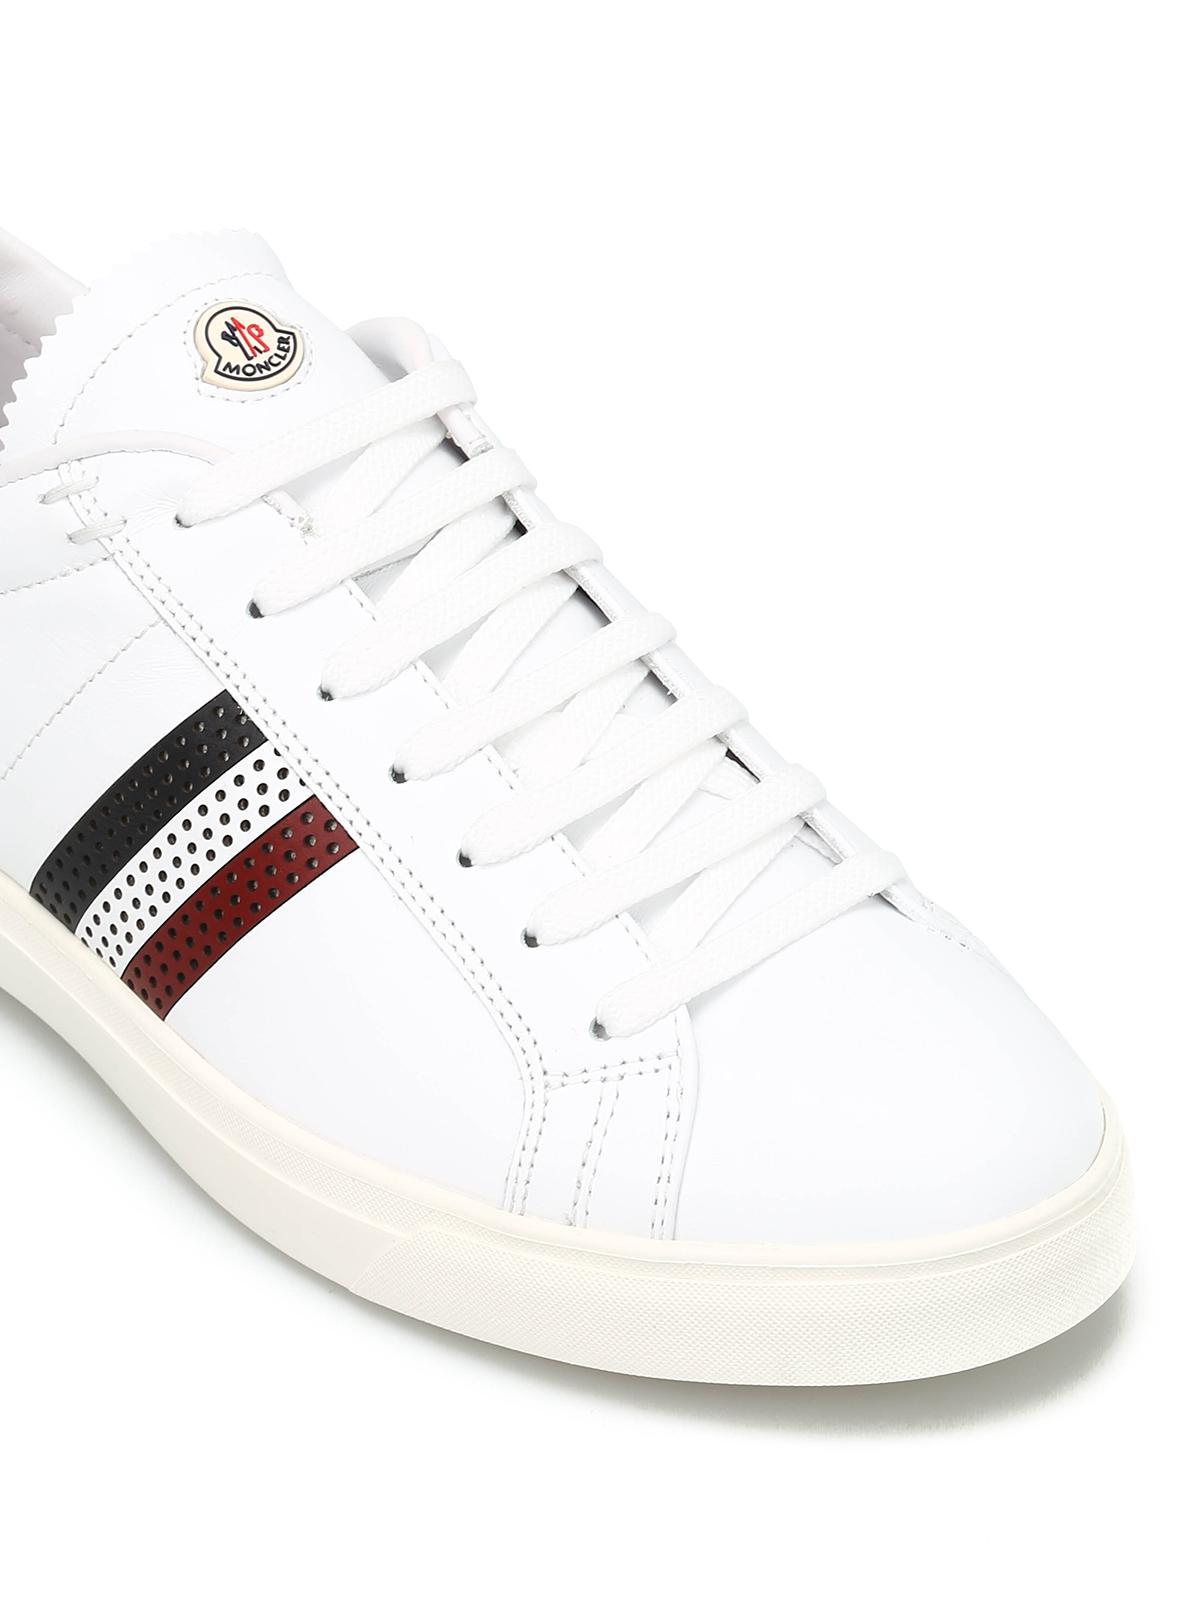 Spring Sale Uomo. Uomo · Abbigliamento · Accessori · Borse · Scarpe ·  Acquista ora · iKRIX MONCLER  sneakers - Sneaker La Monaco f7a7f5017de